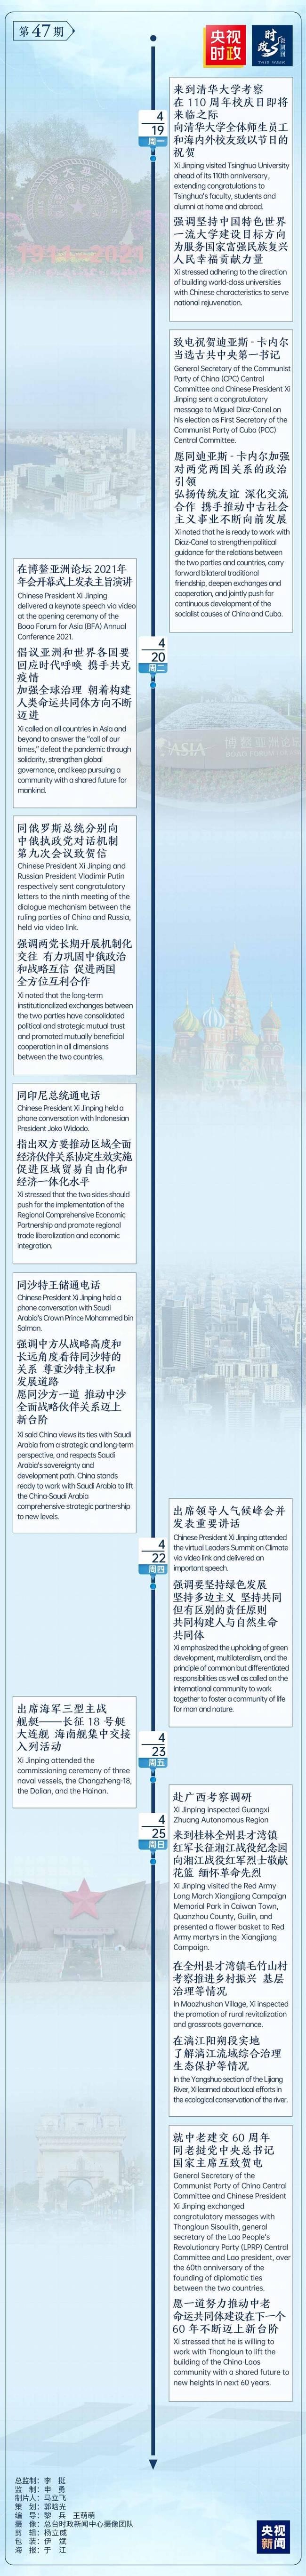 时政微周刊丨总书记的一周(4月19日—4月25日)